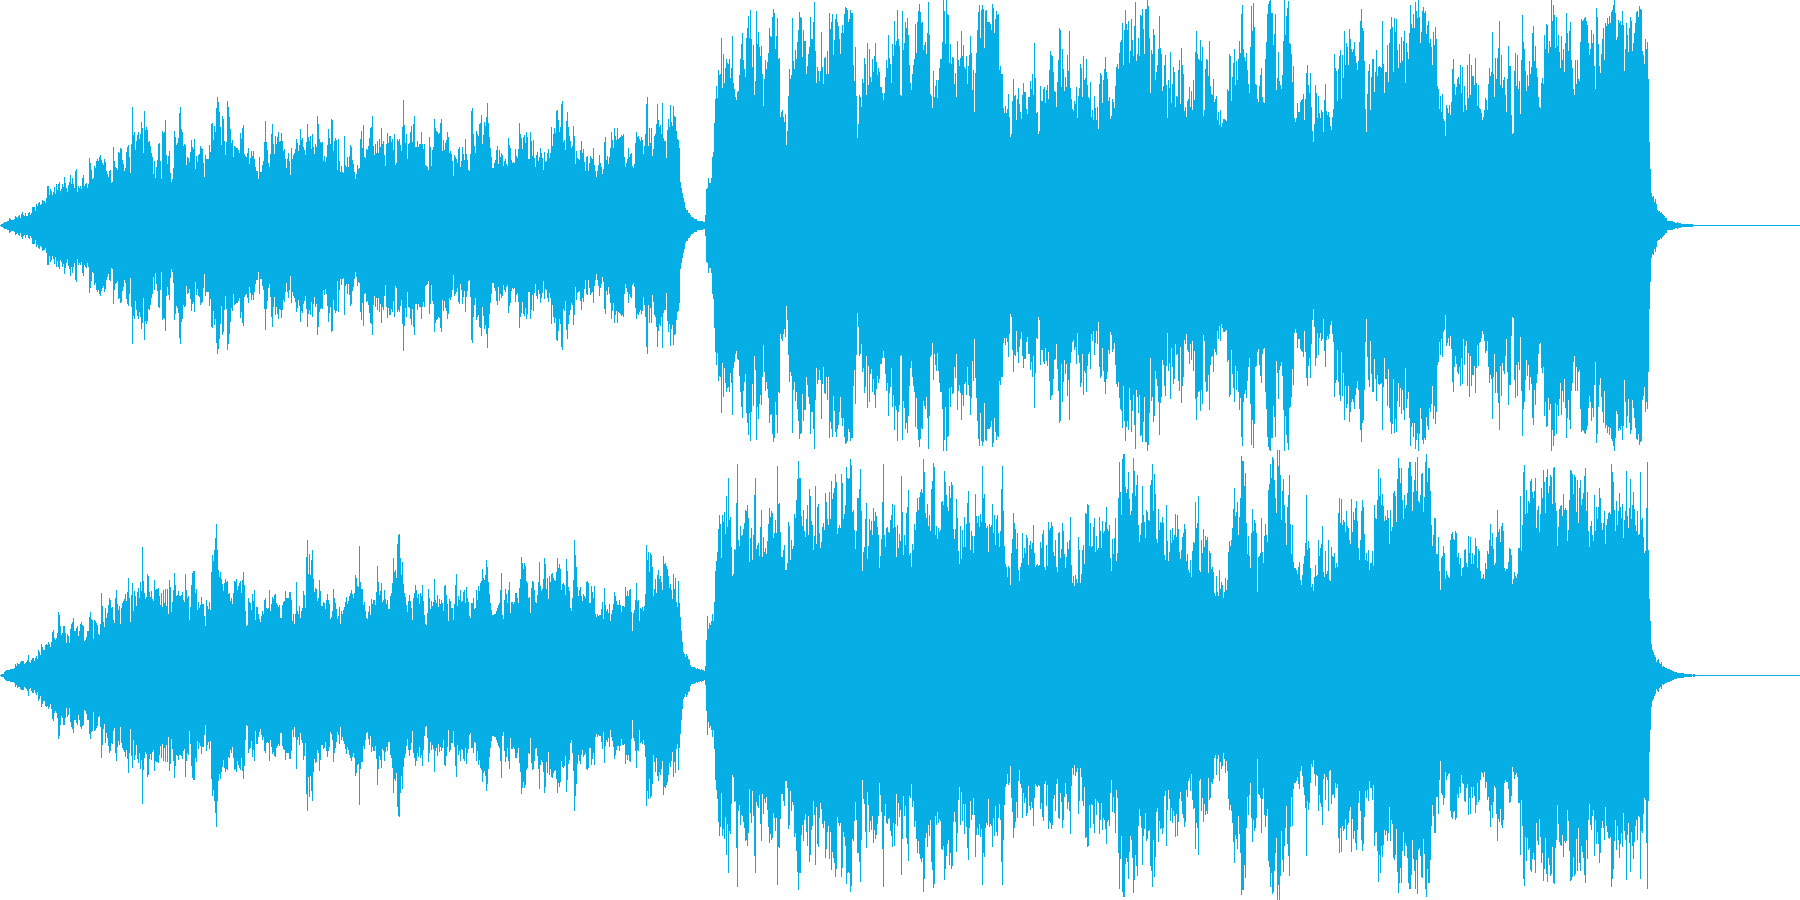 メインとなるメロディを控えた楽曲(序曲)の再生済みの波形